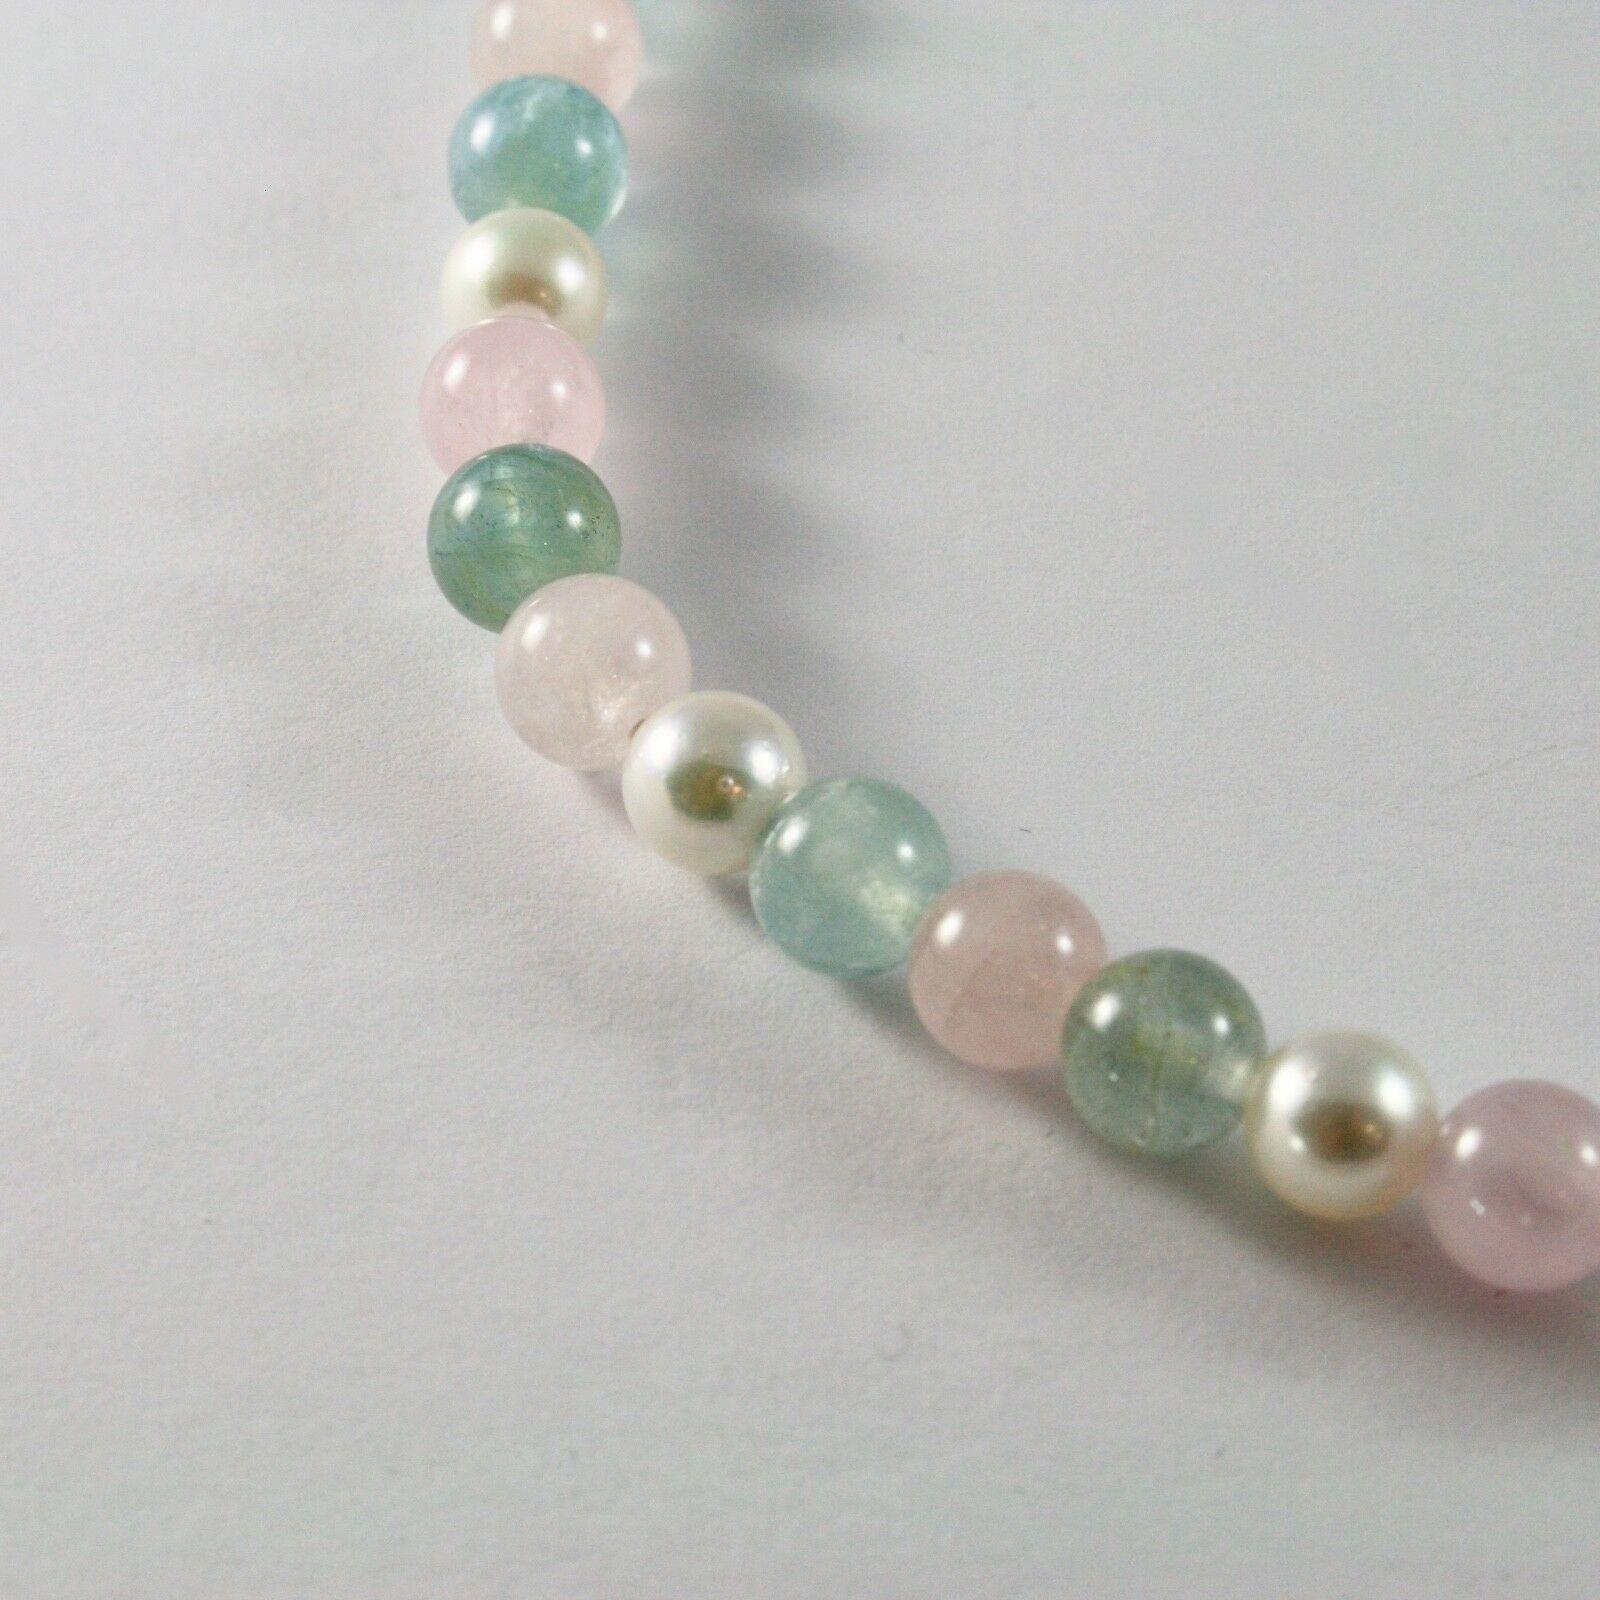 Halskette mit Aquamarin Mehrfarbig Perlen Akoya und Verschluss in Gold Weiß 18KT